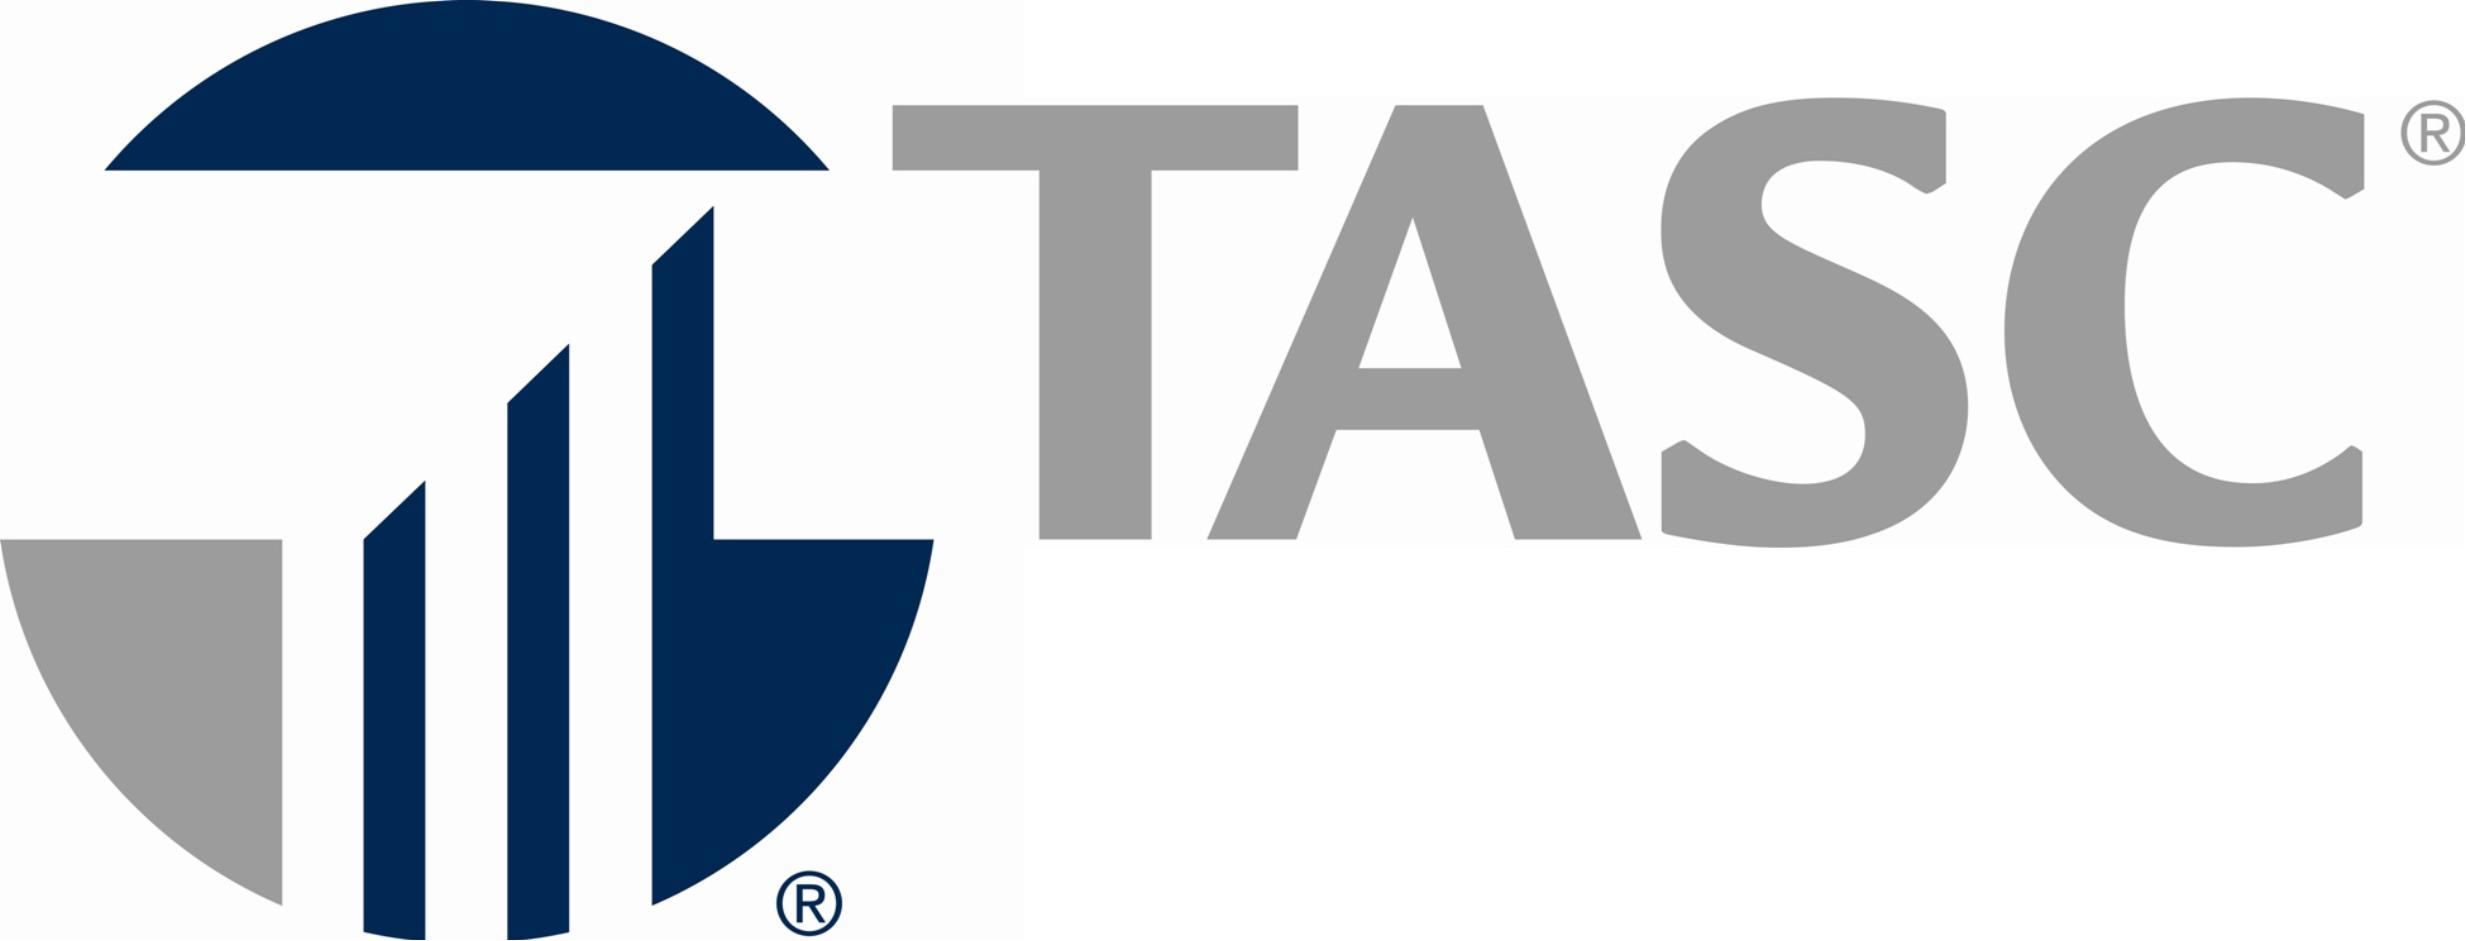 TASC - SmarterU LMS - Blended Learning